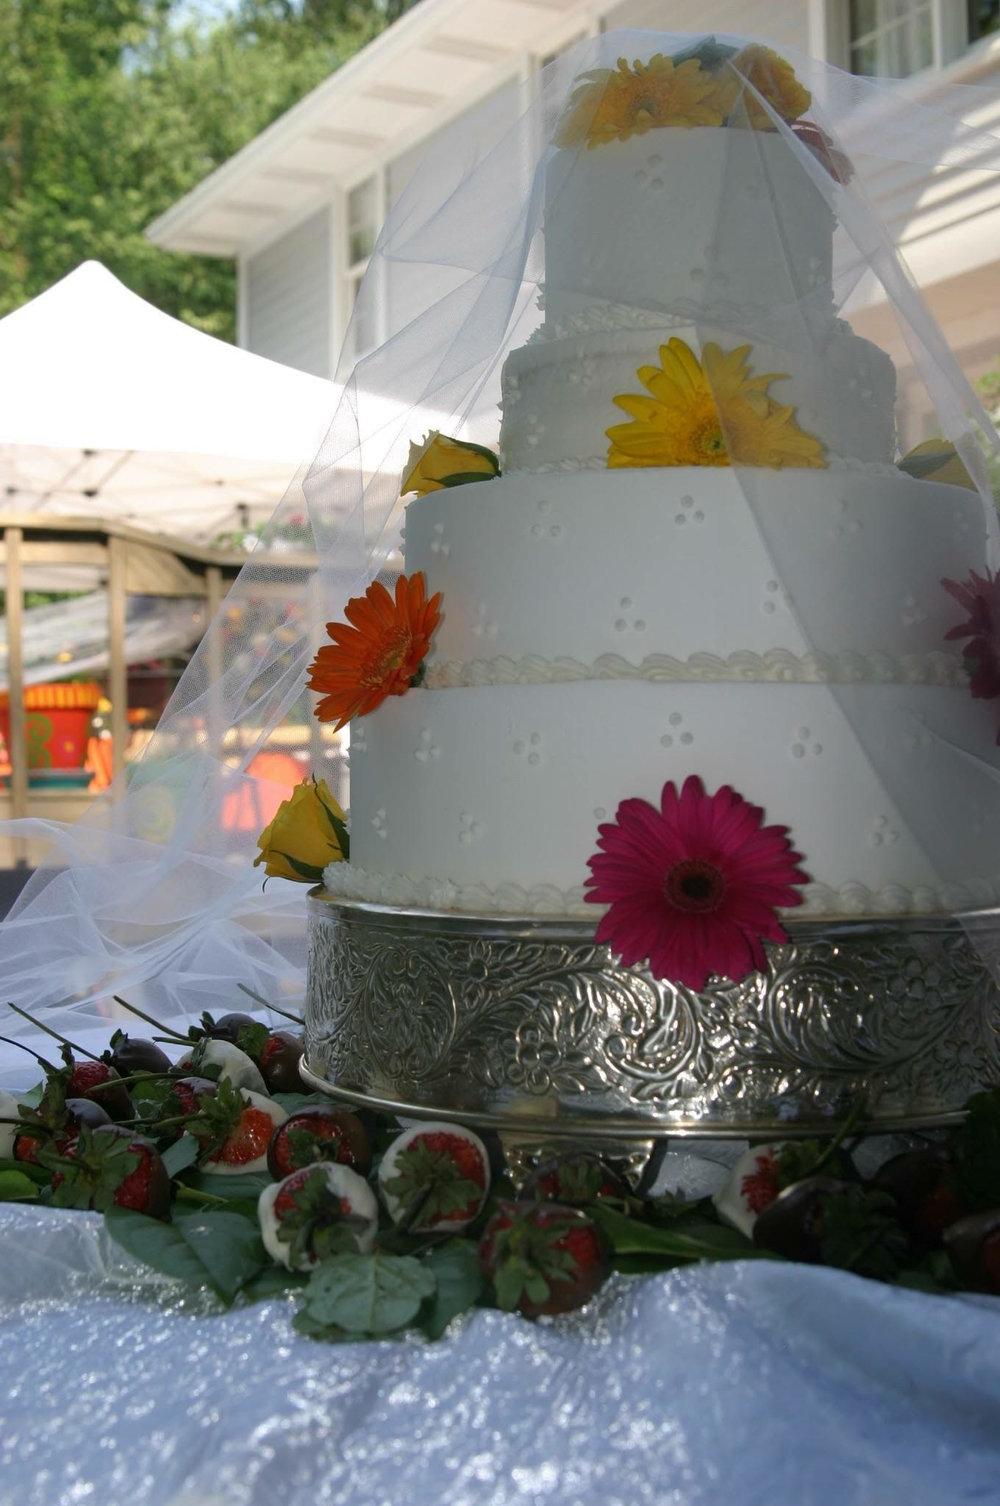 pa-wedding-cakes-33.jpg